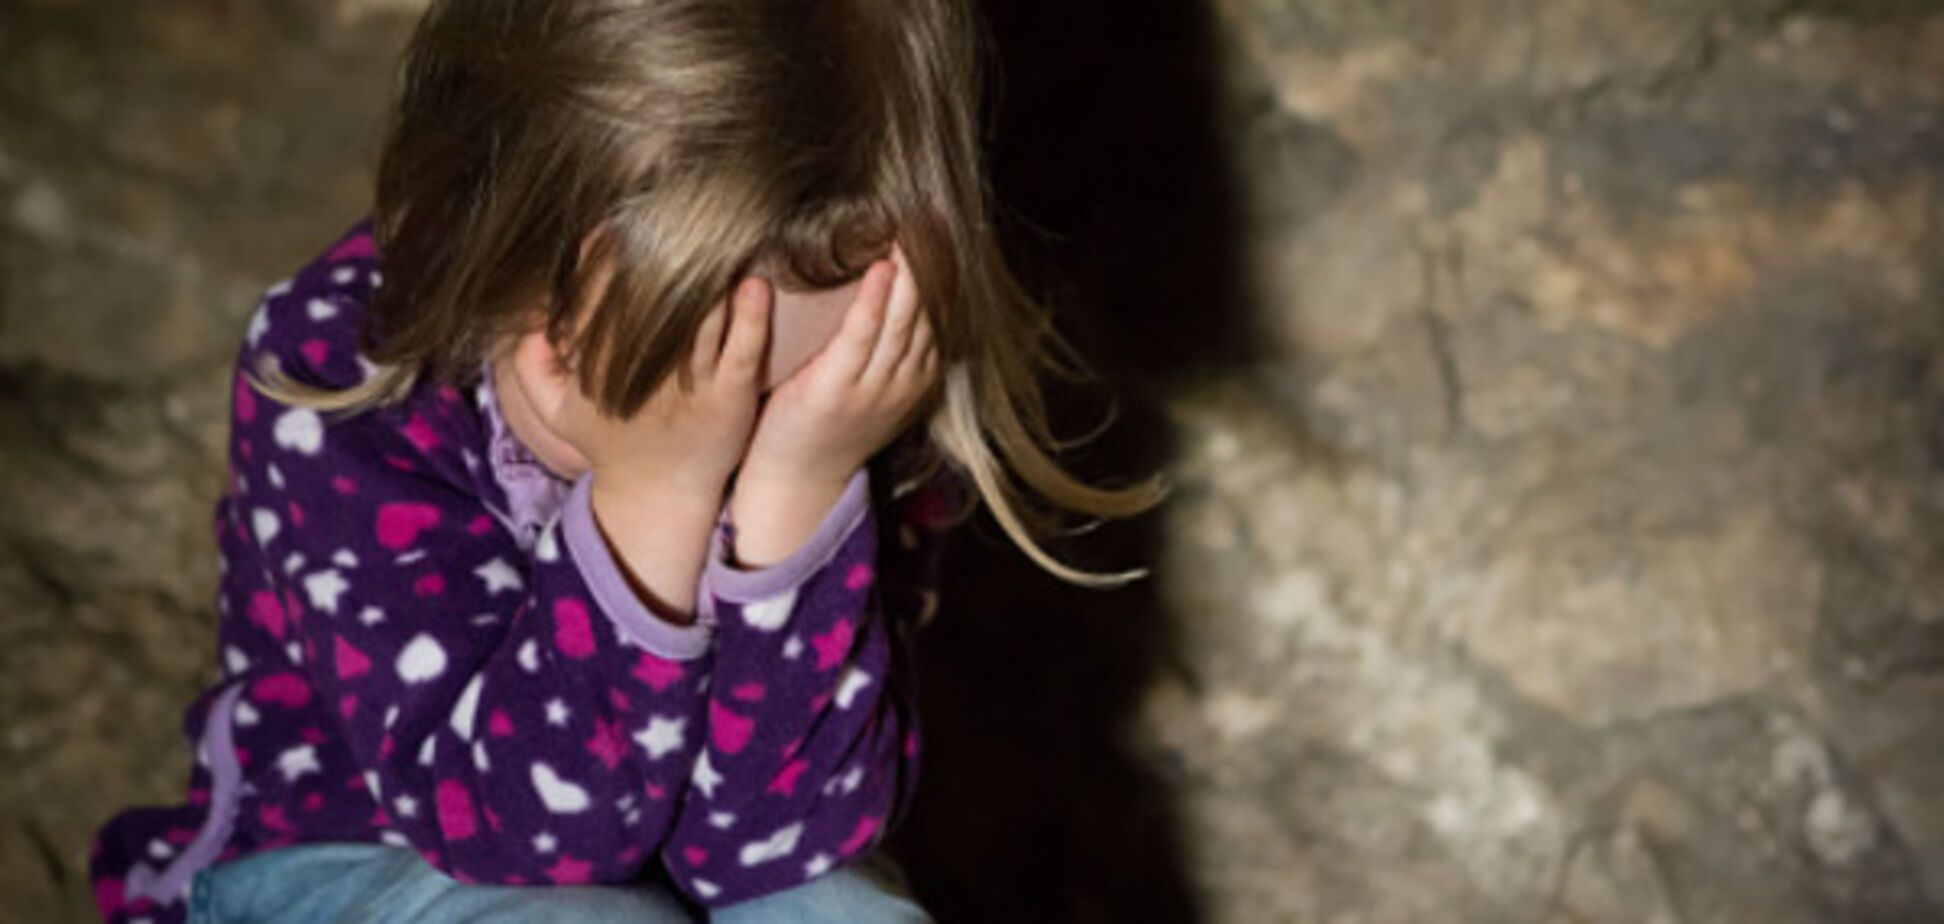 Детская безопасность: 5 правил, которым обязательно нужно научить ребенка